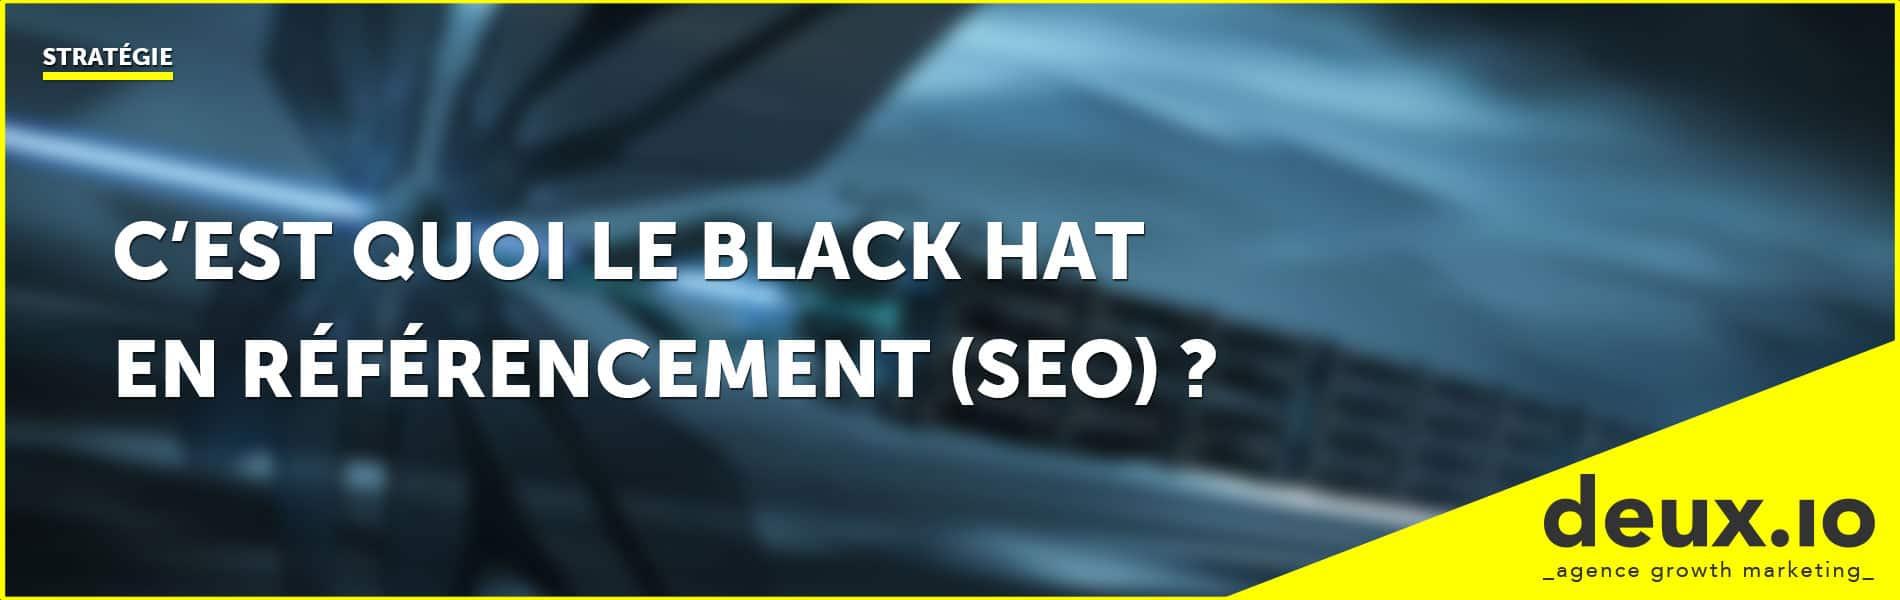 c'est quoi le black hat en référencement seo